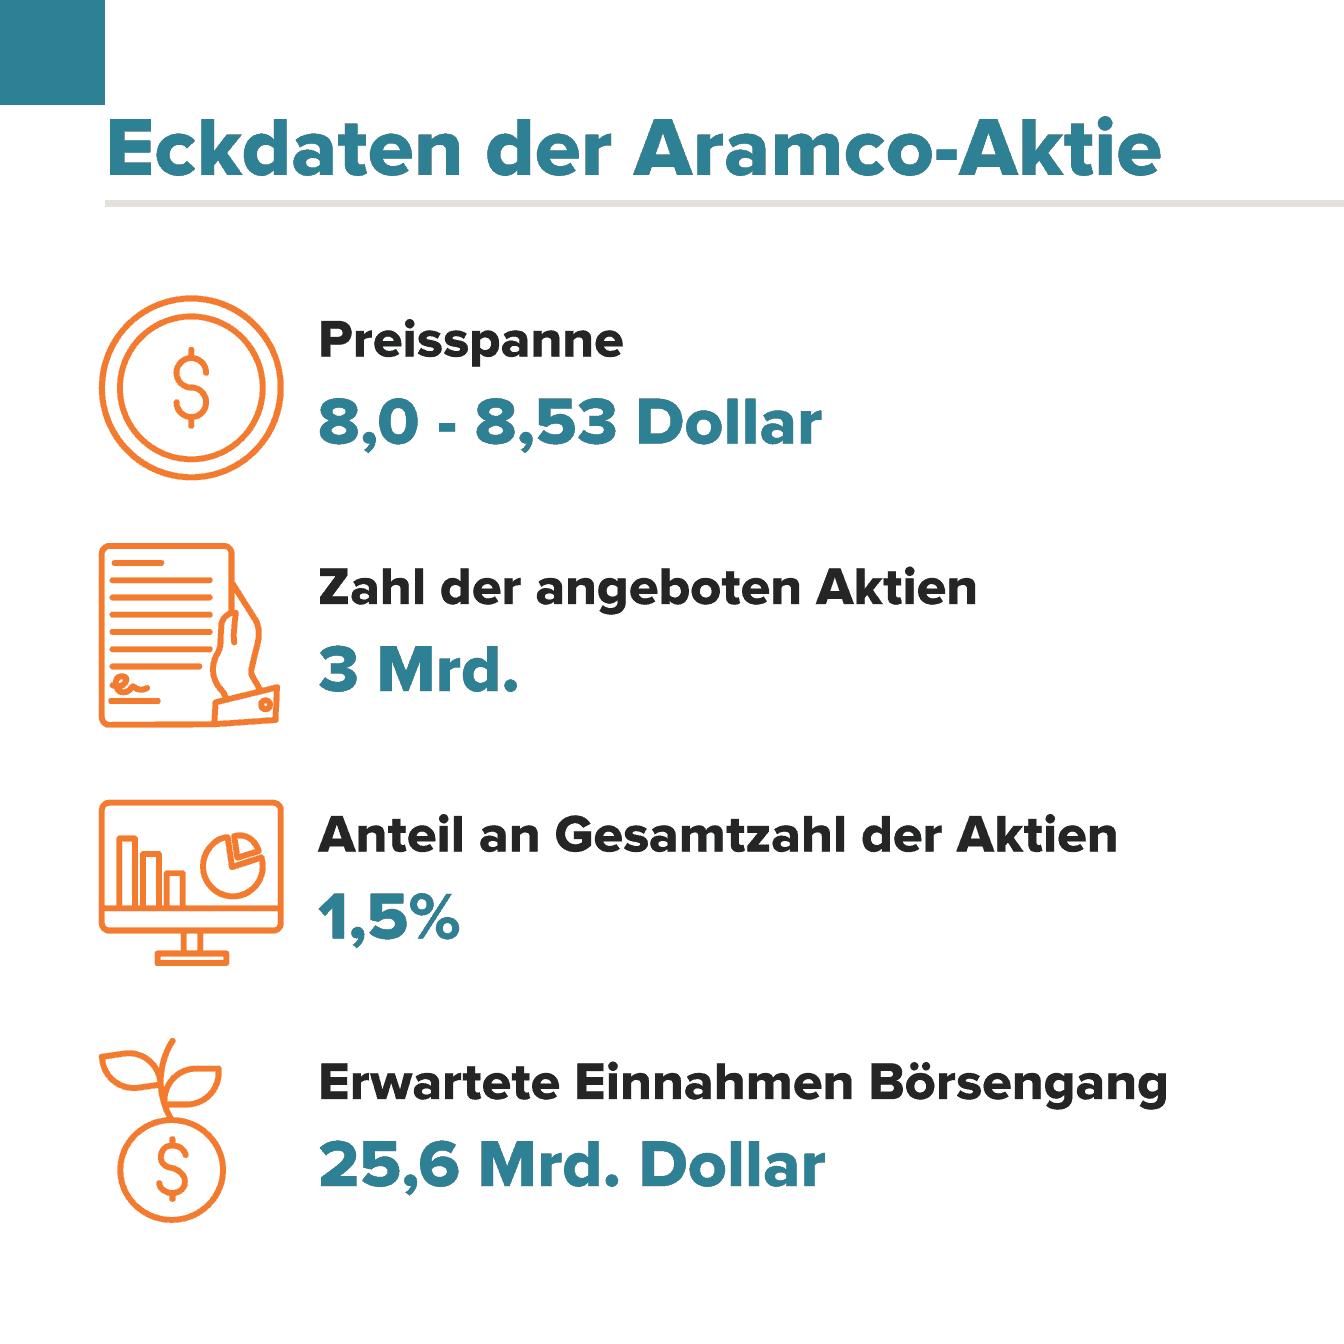 Eckdaten Aramco Aktie